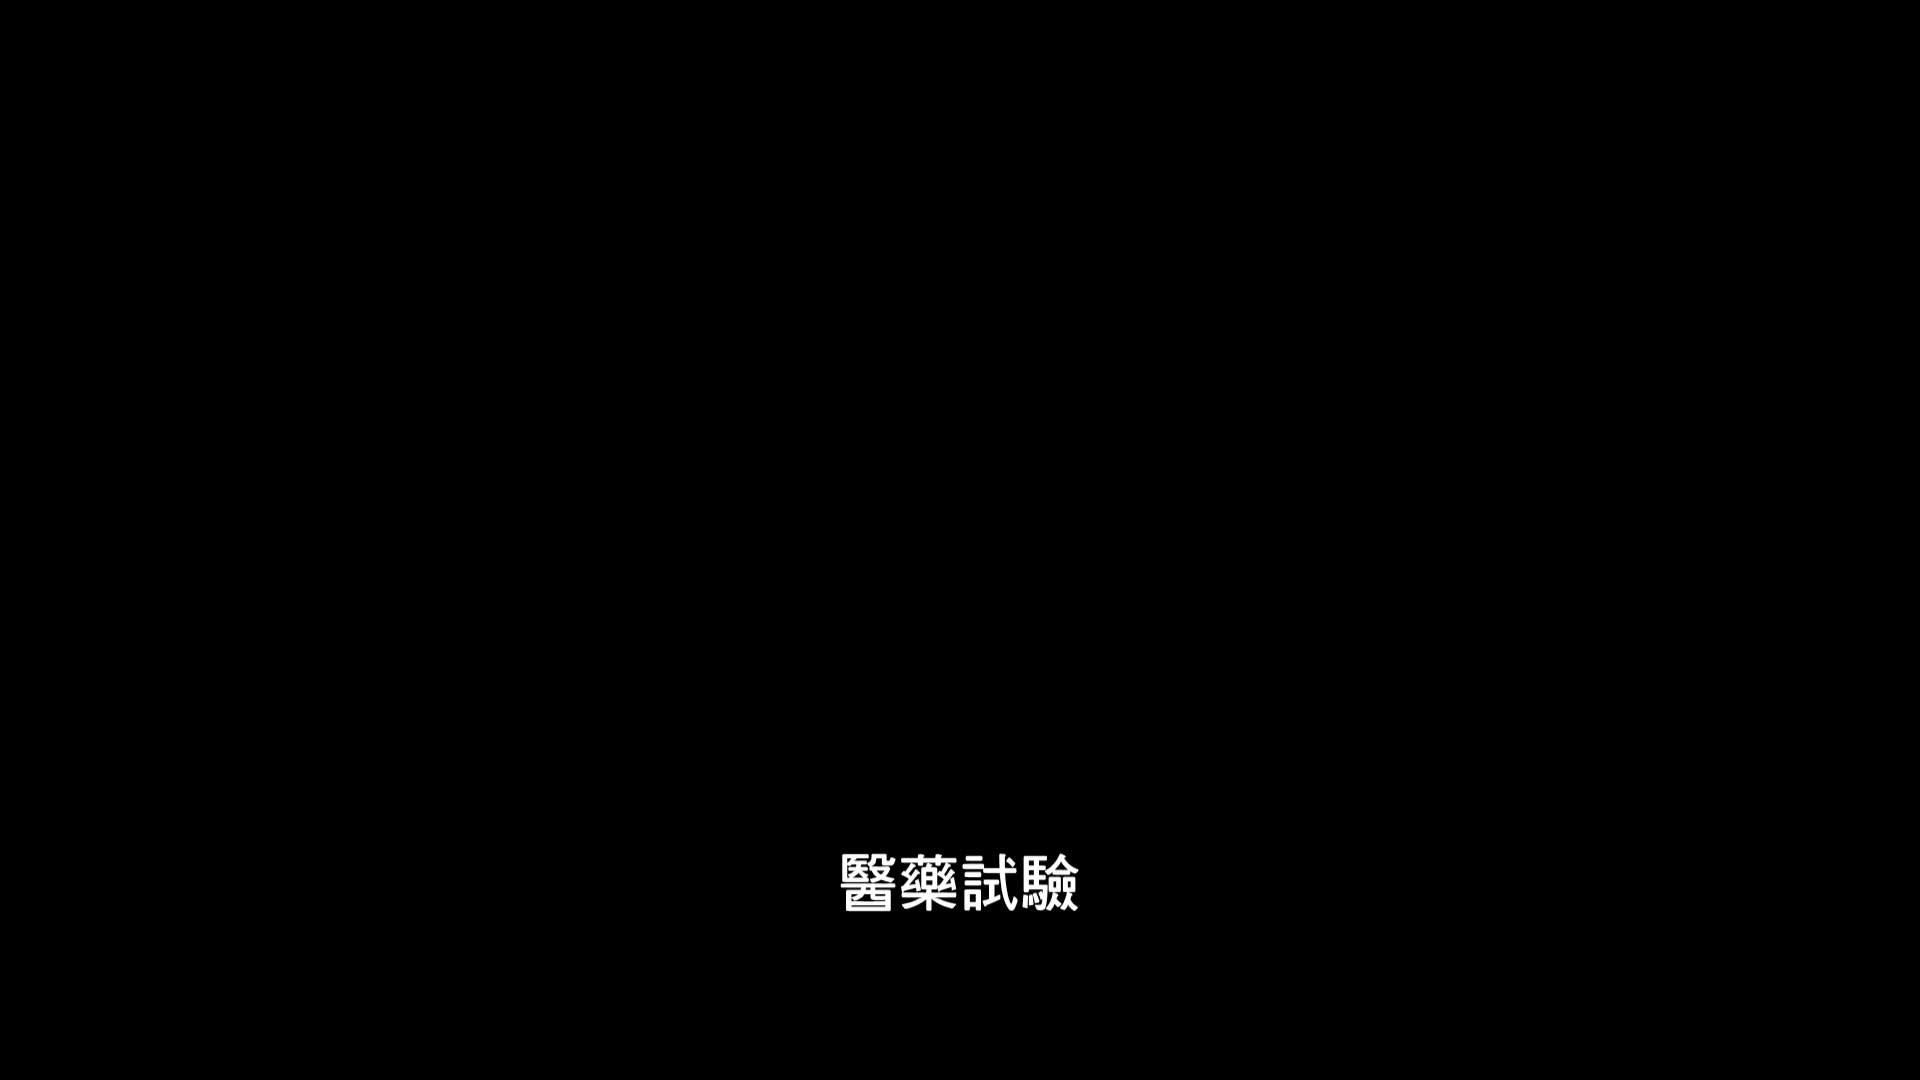 《屍虐實驗室》電影預告